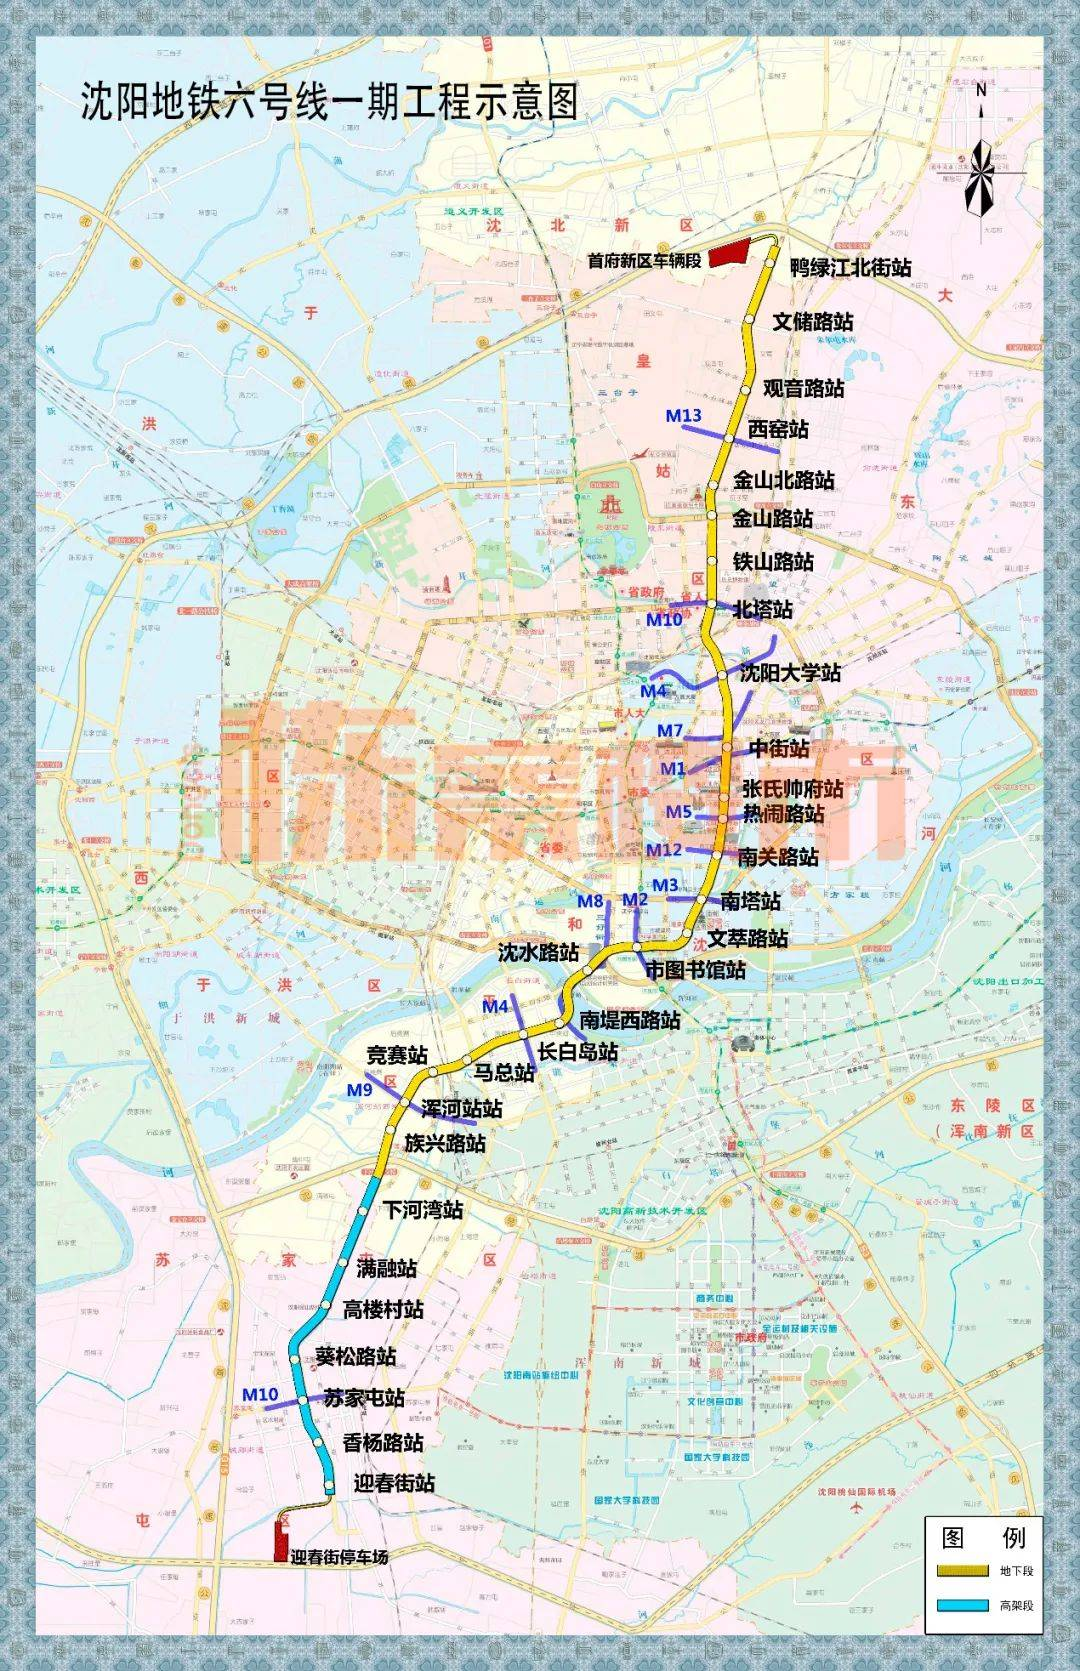 沈阳地铁六号线开工 看看最新地铁房